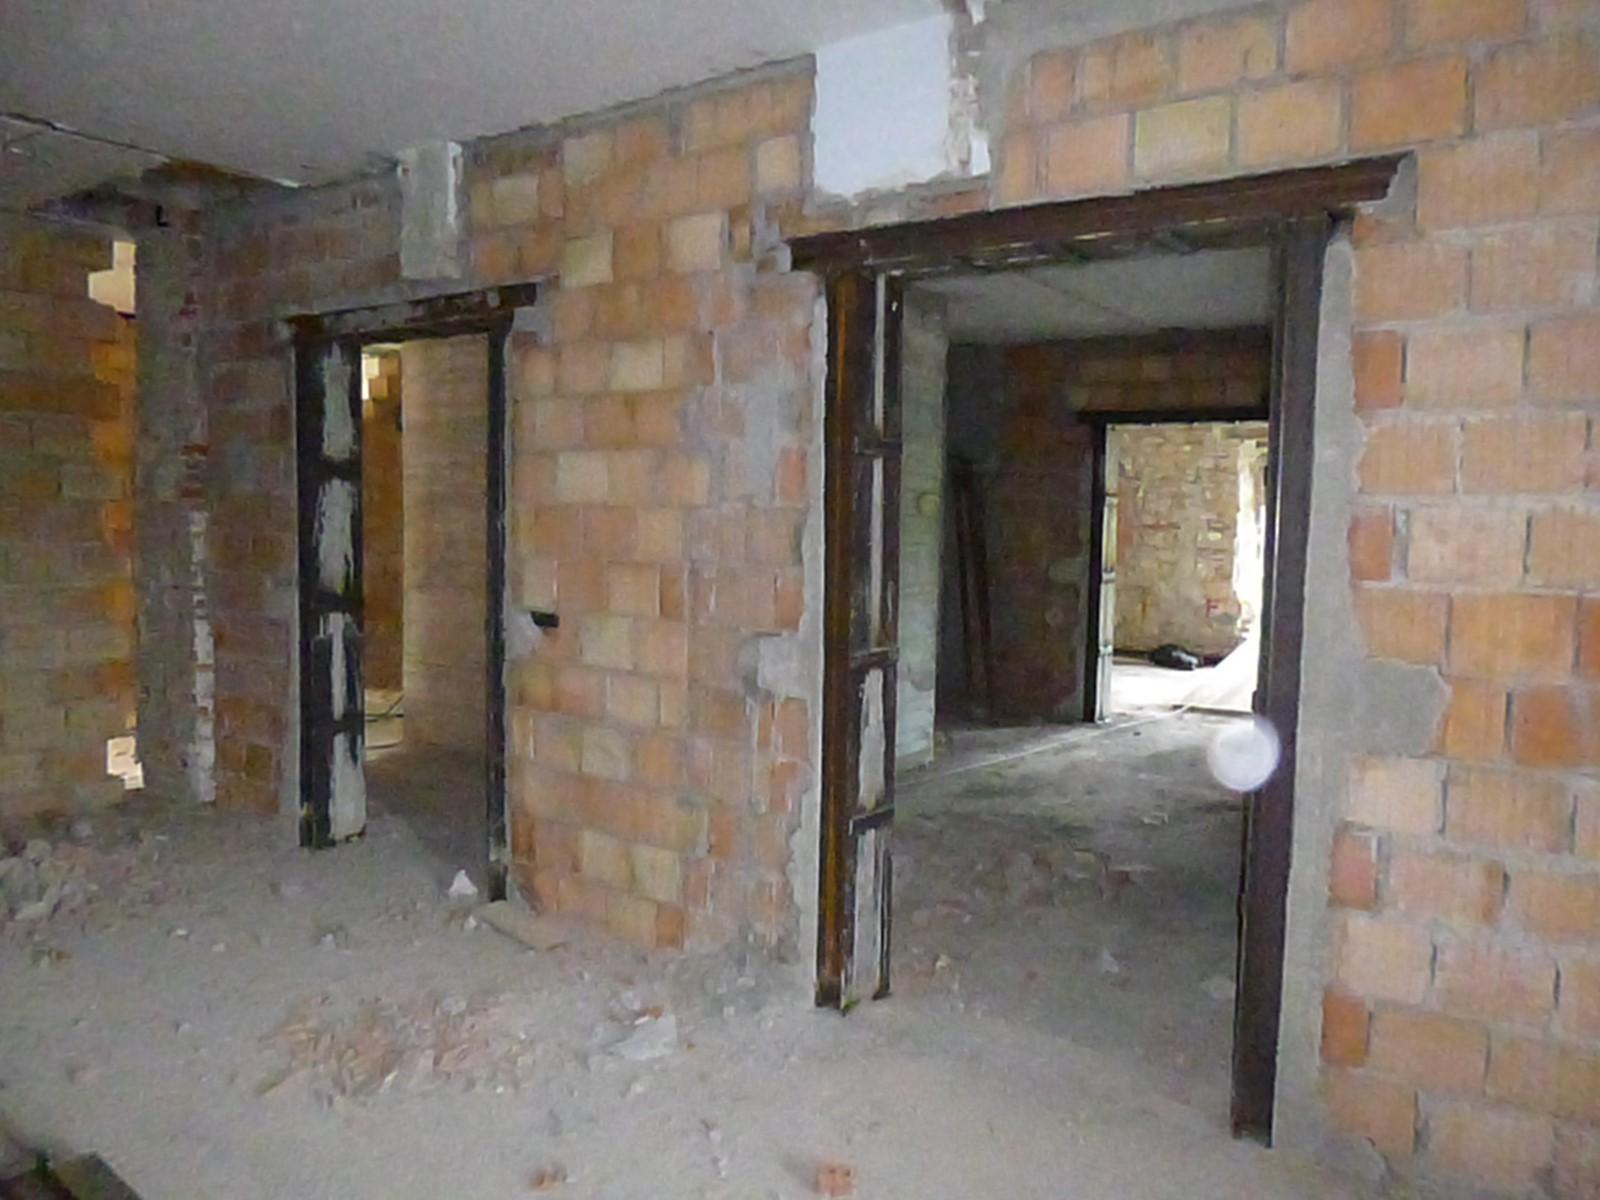 Interventi di consolidamento strutturale - Apertura porta su muro portante ...